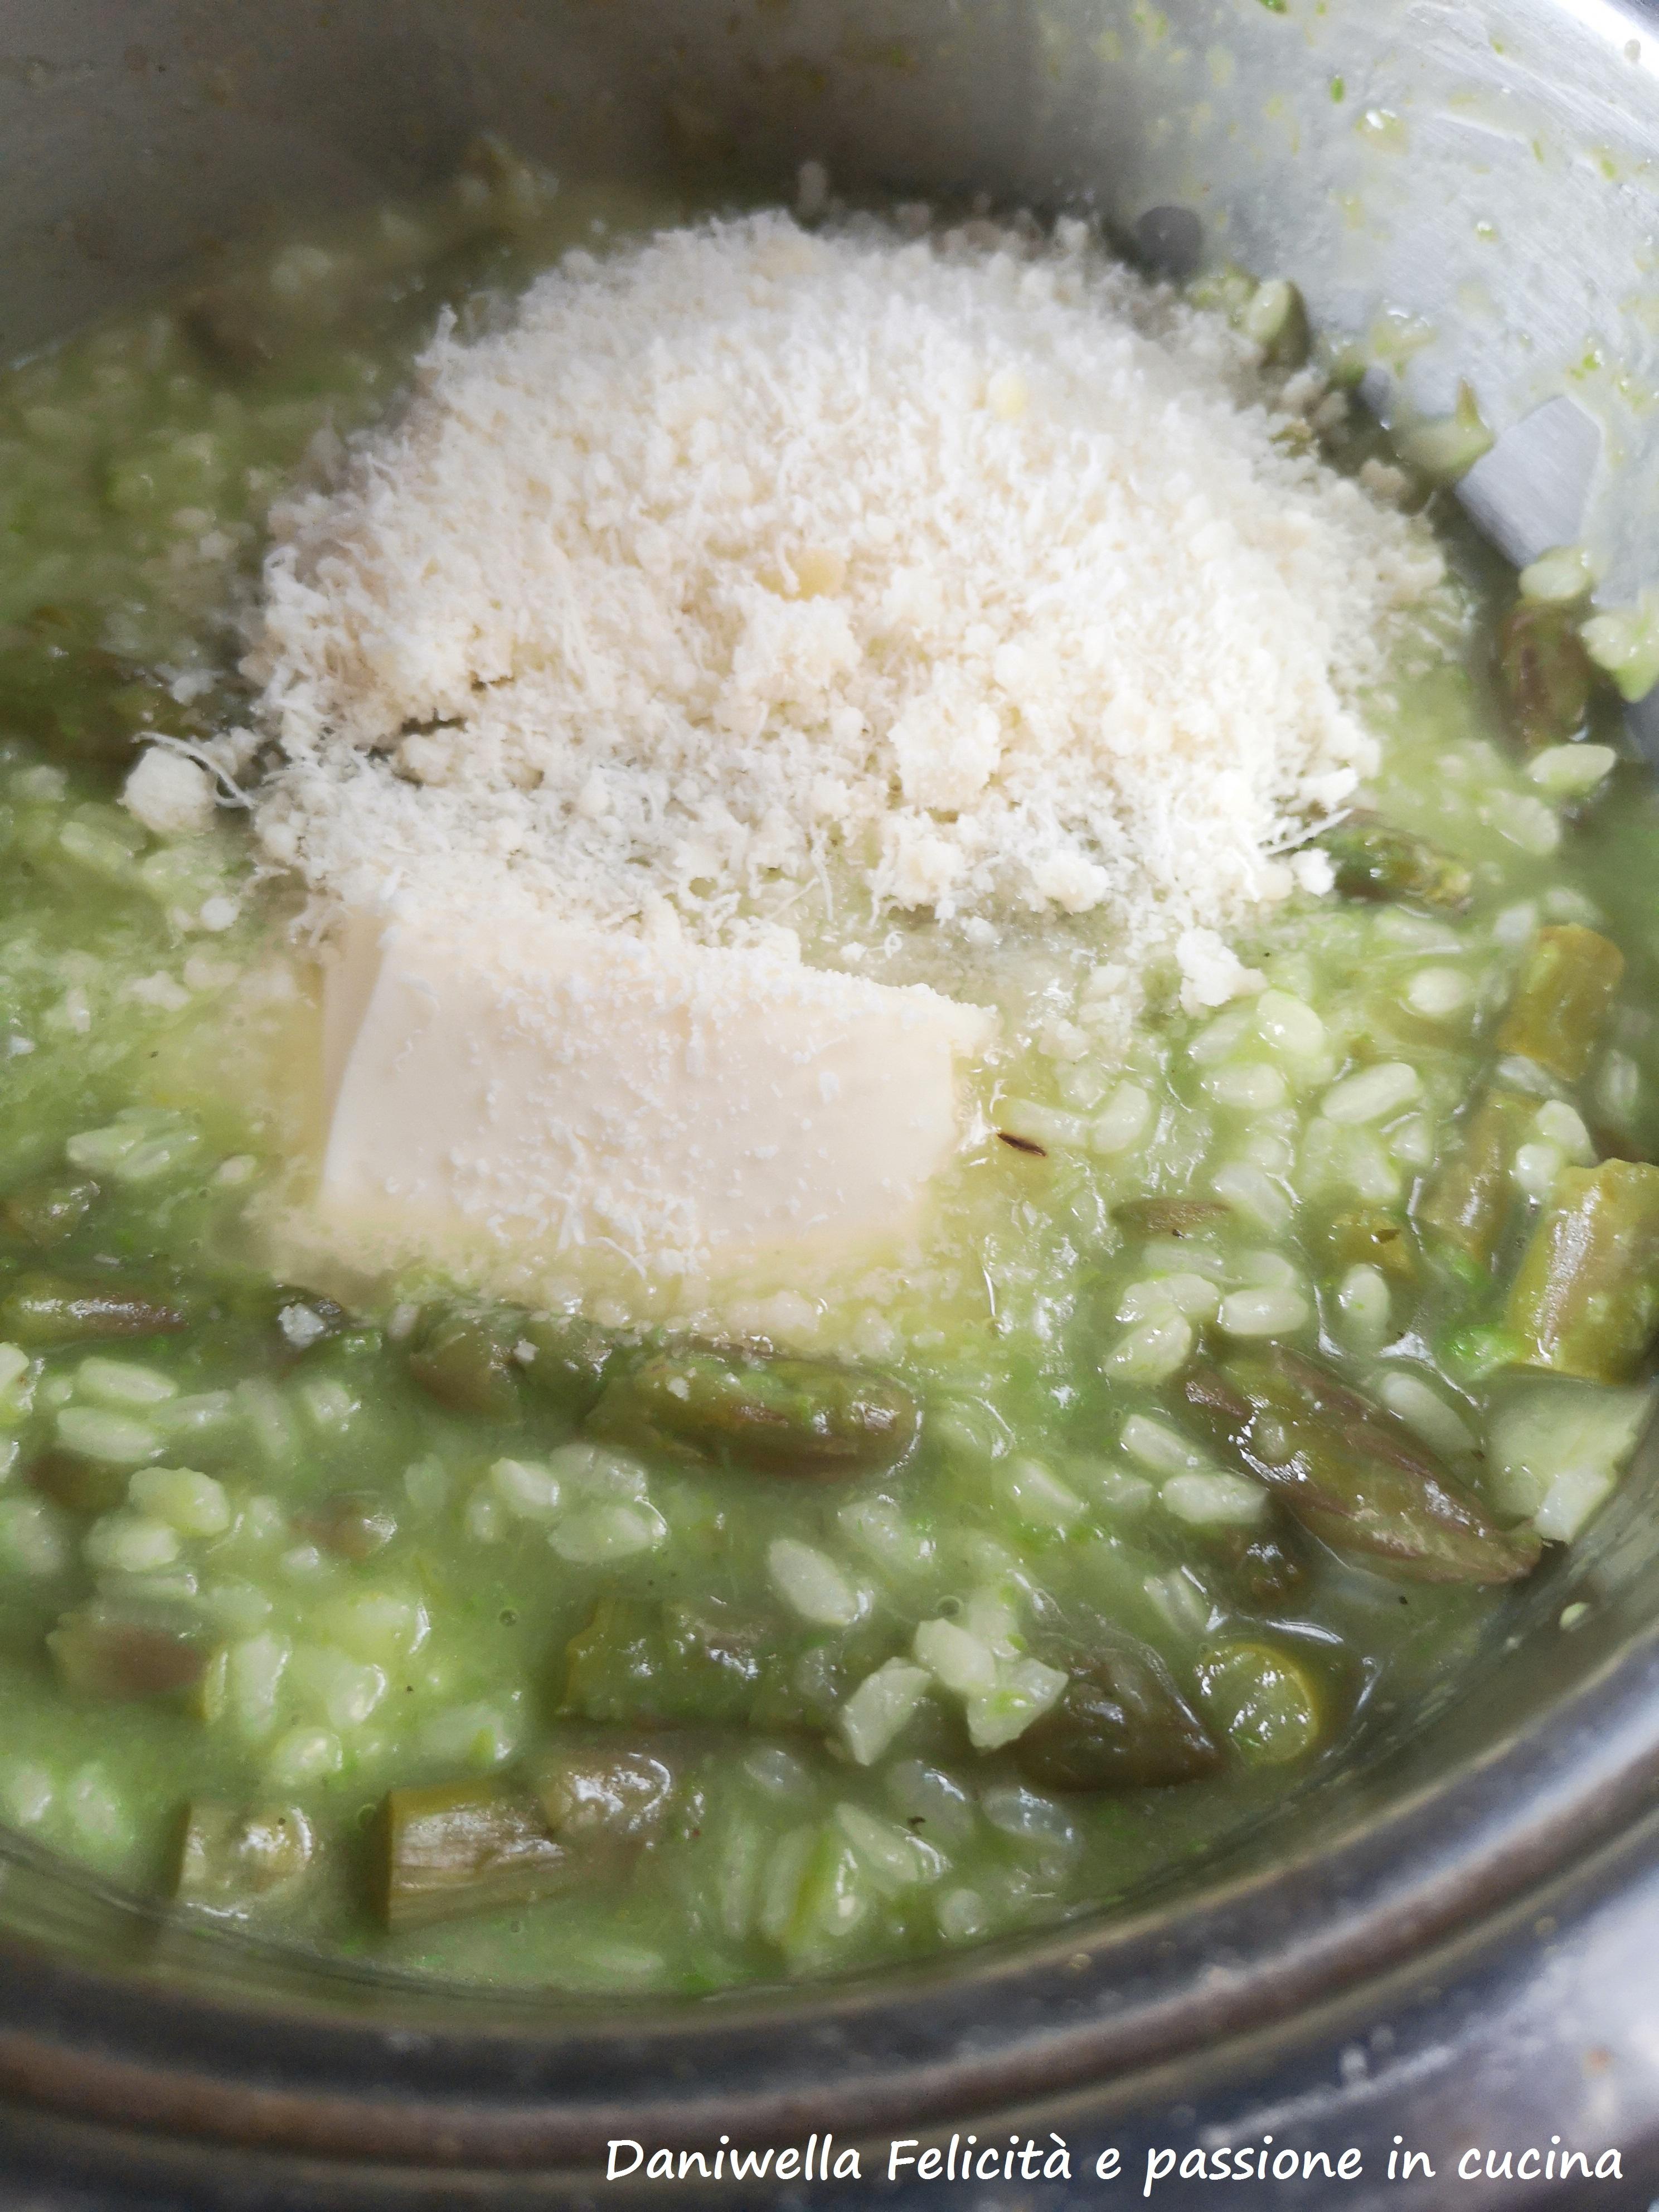 Al termine della cottura spegnete il fuoco, assaggiate e aggiustate di sale se serve. Mantecate il risotto aggiungendo 1 noce di burro e il formaggio grattugiato. Coprite con un coperchio e fate riposare 2 minuti prima di portarlo in tavola.